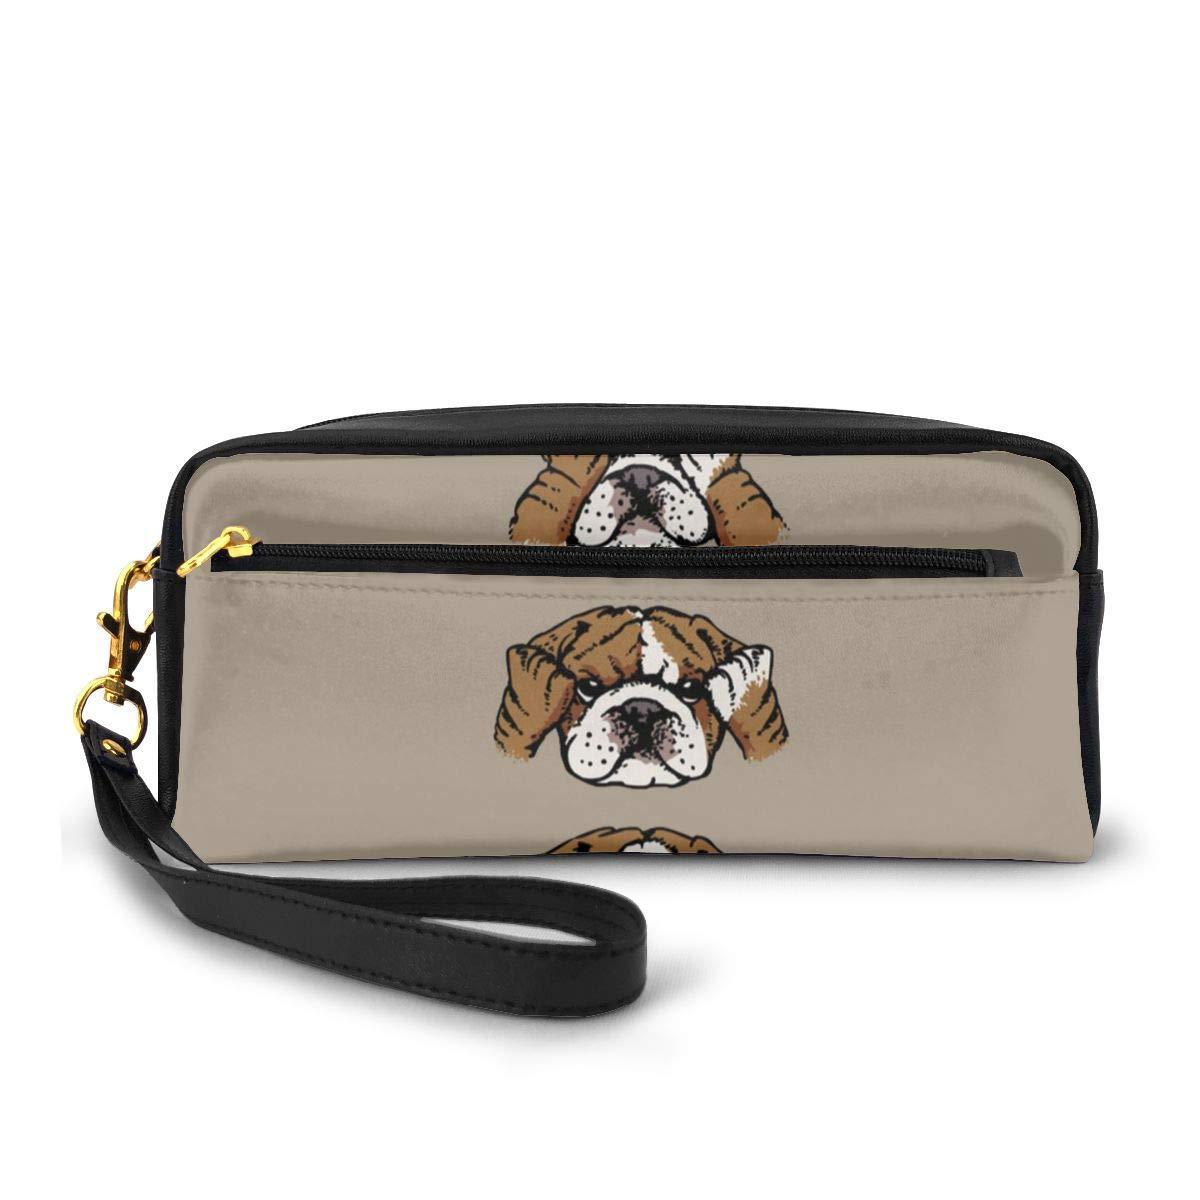 English Bulldog Canvas Makeup Bag Pouch Purse Handbag Organizer with Zipper